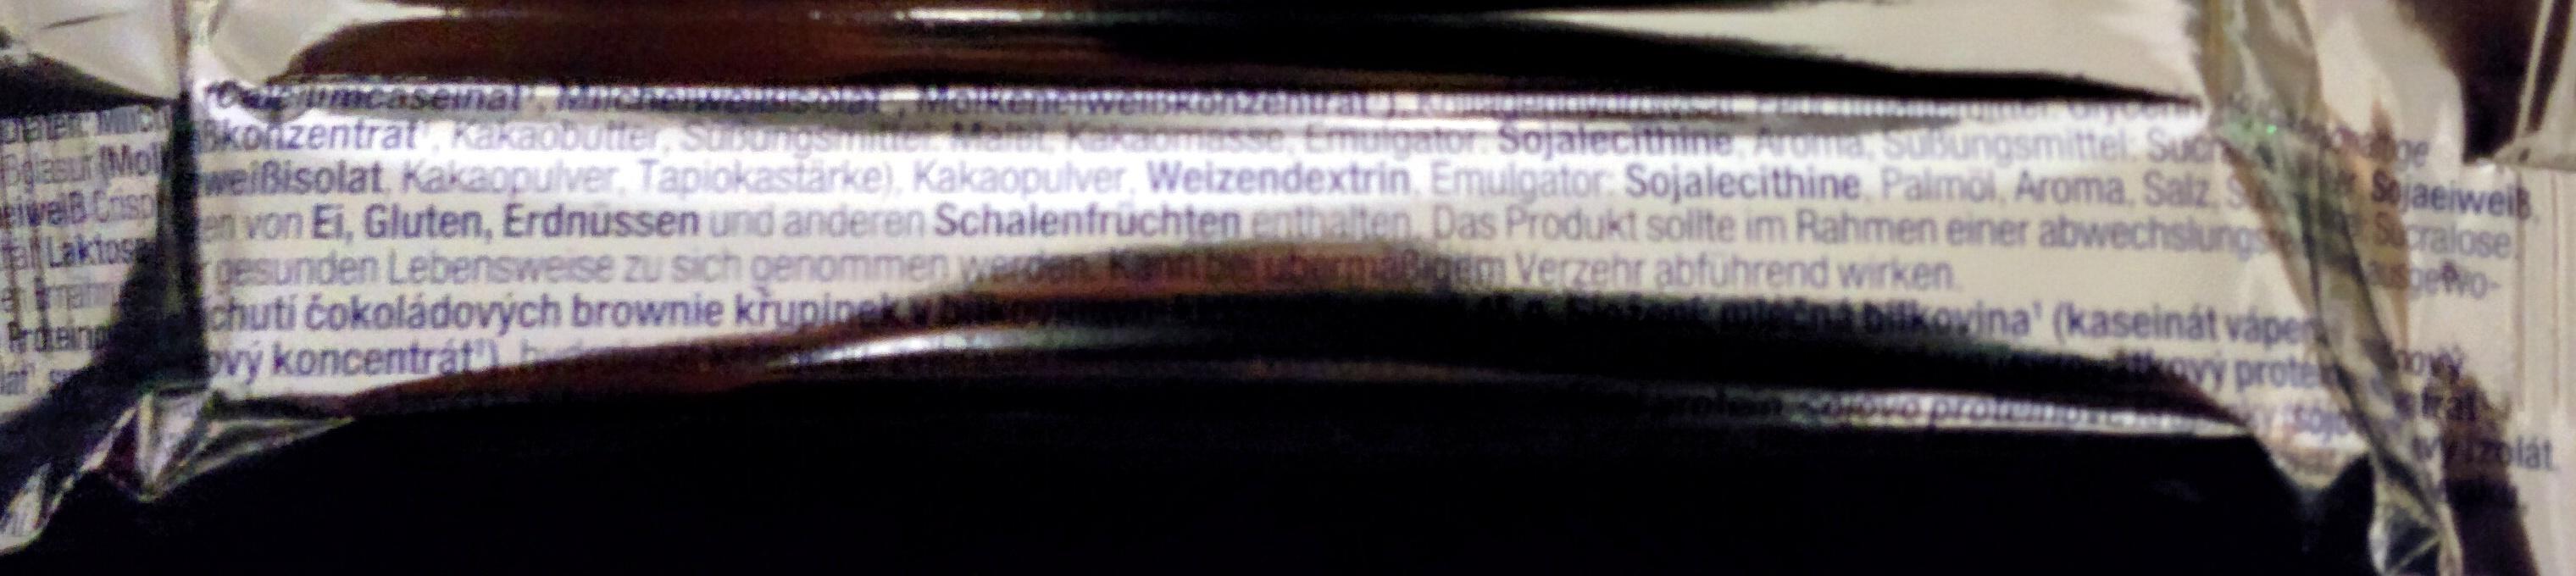 Eiweiß 50% Brownie-Chocolate-Crisp - Ingredients